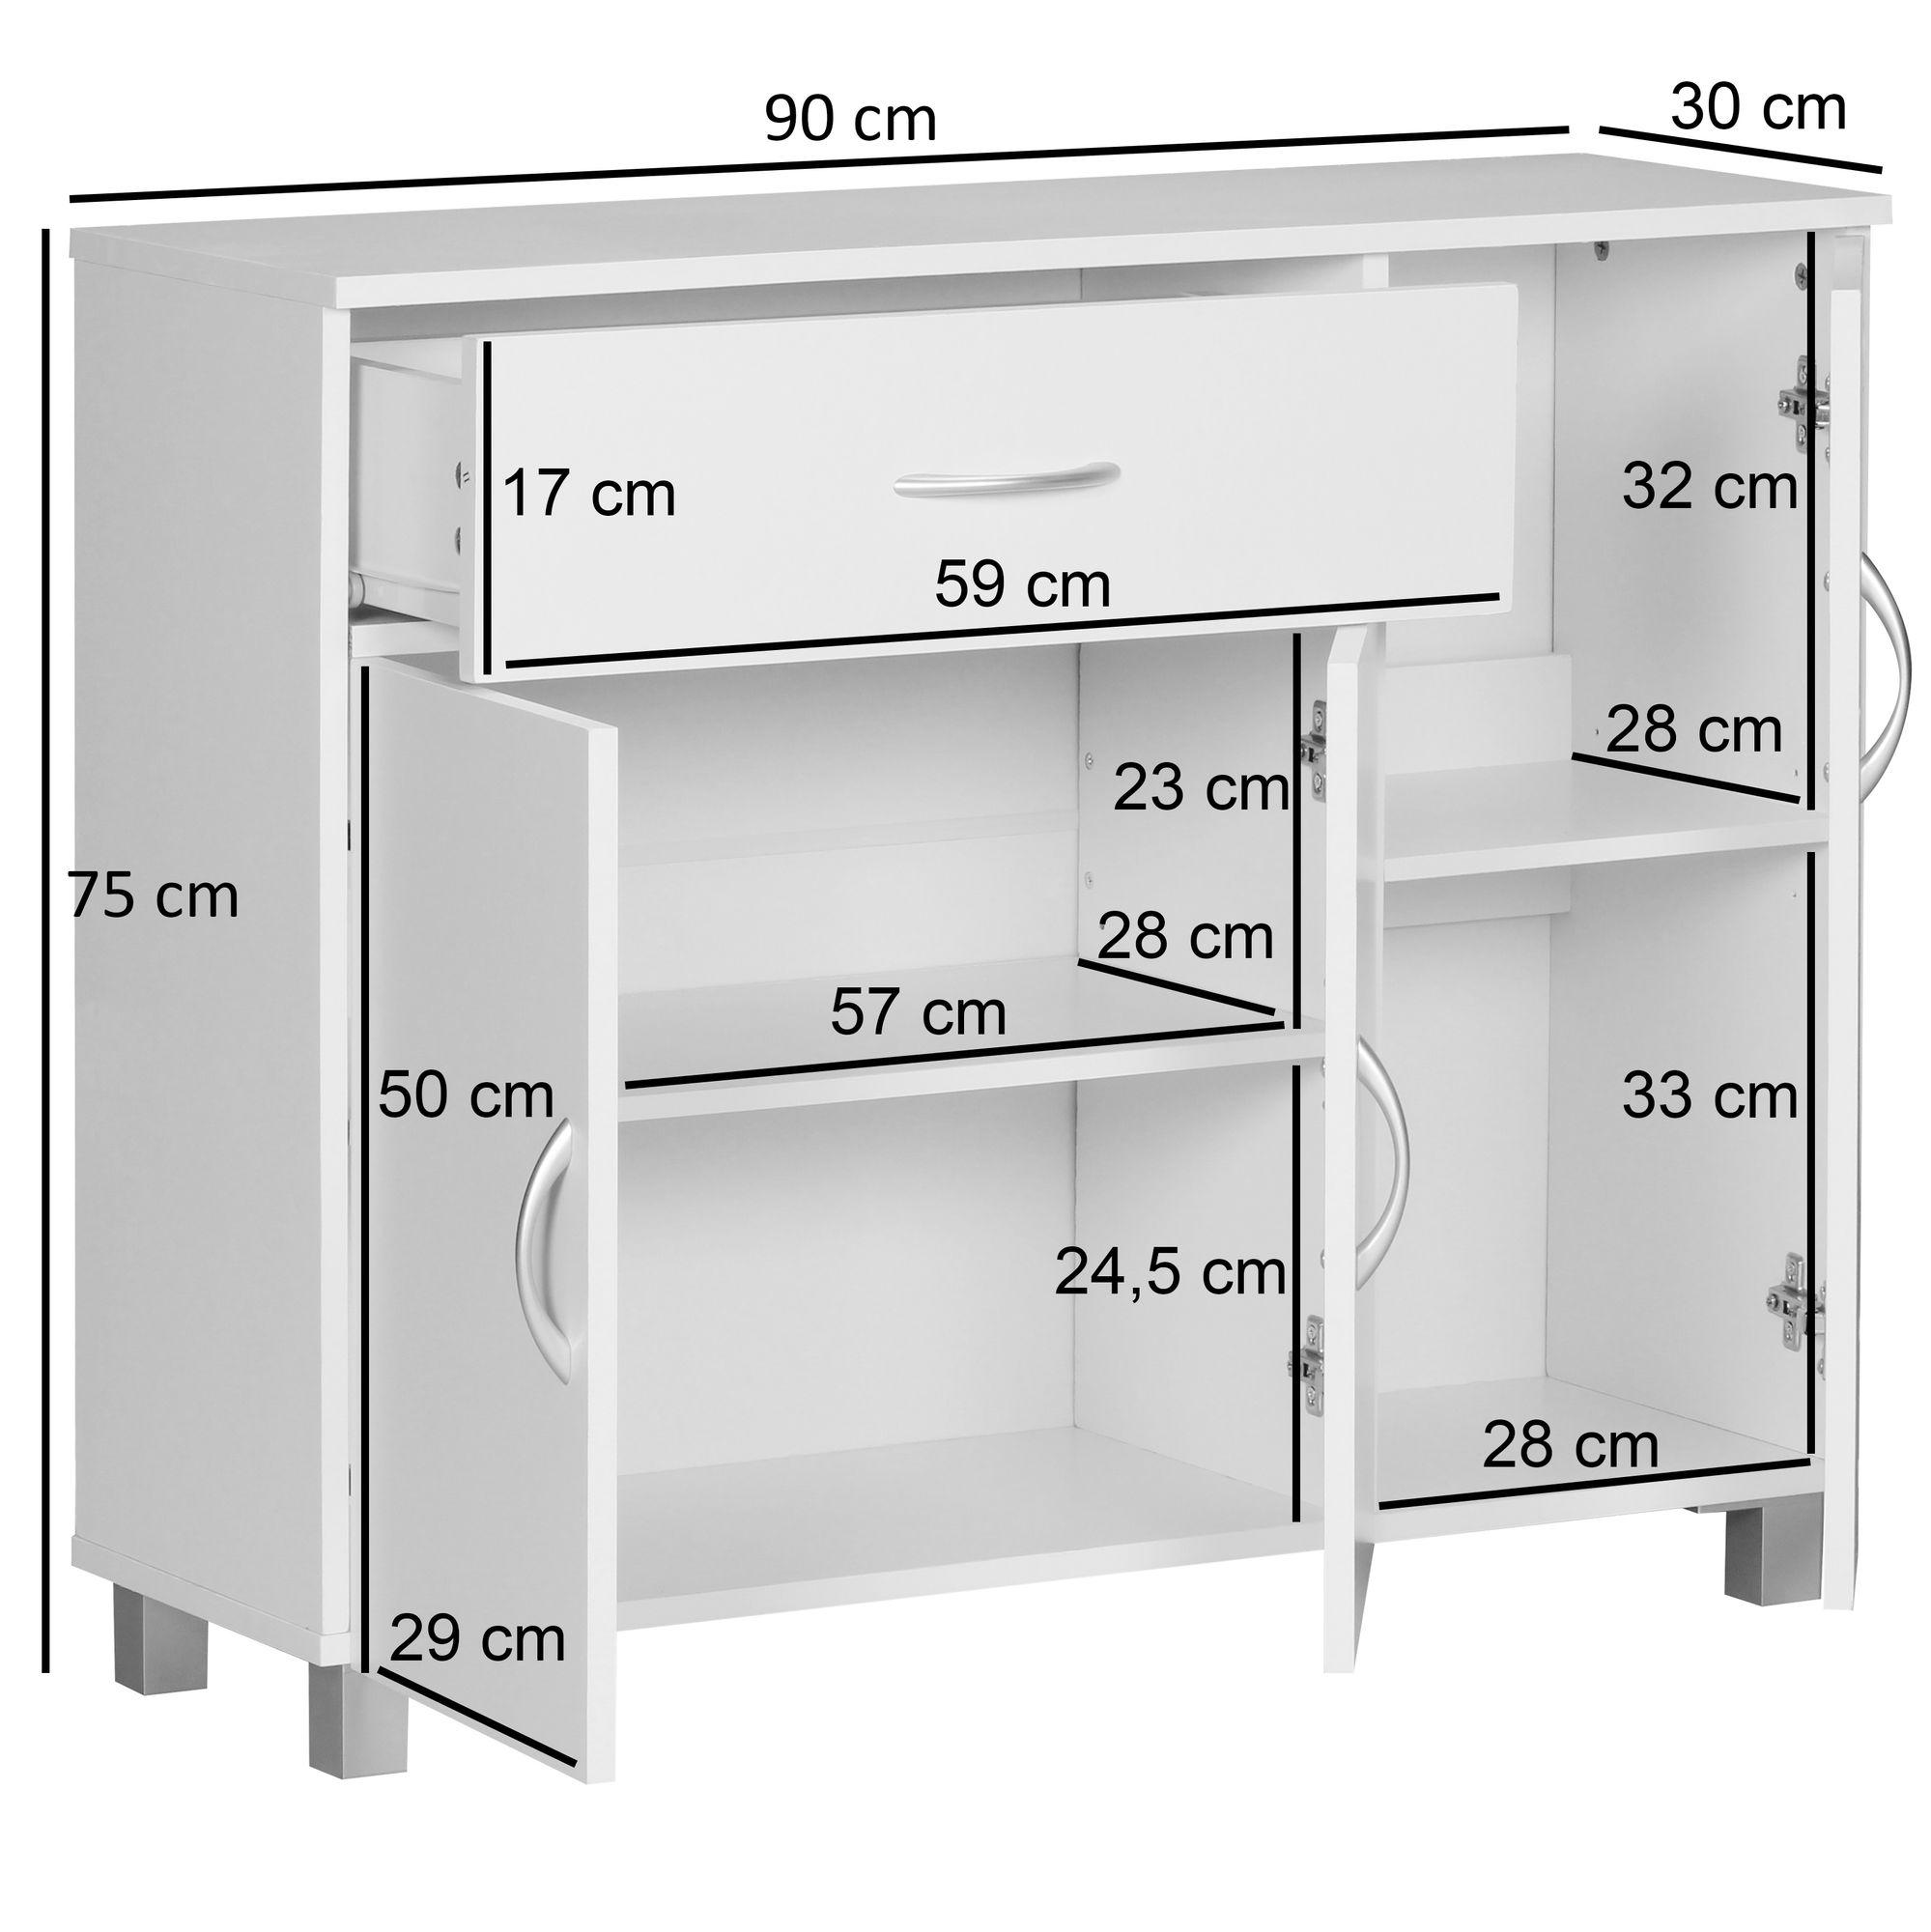 Full Size of Sideboard Kommode Anrichte Regal 90 75 Cm 3 Tren 1 Schublade Tapeten Schlafzimmer Massivholz Schränke Deko Weiß Komplett Günstig Set Weiss Kommoden Schlafzimmer Schlafzimmer Kommode